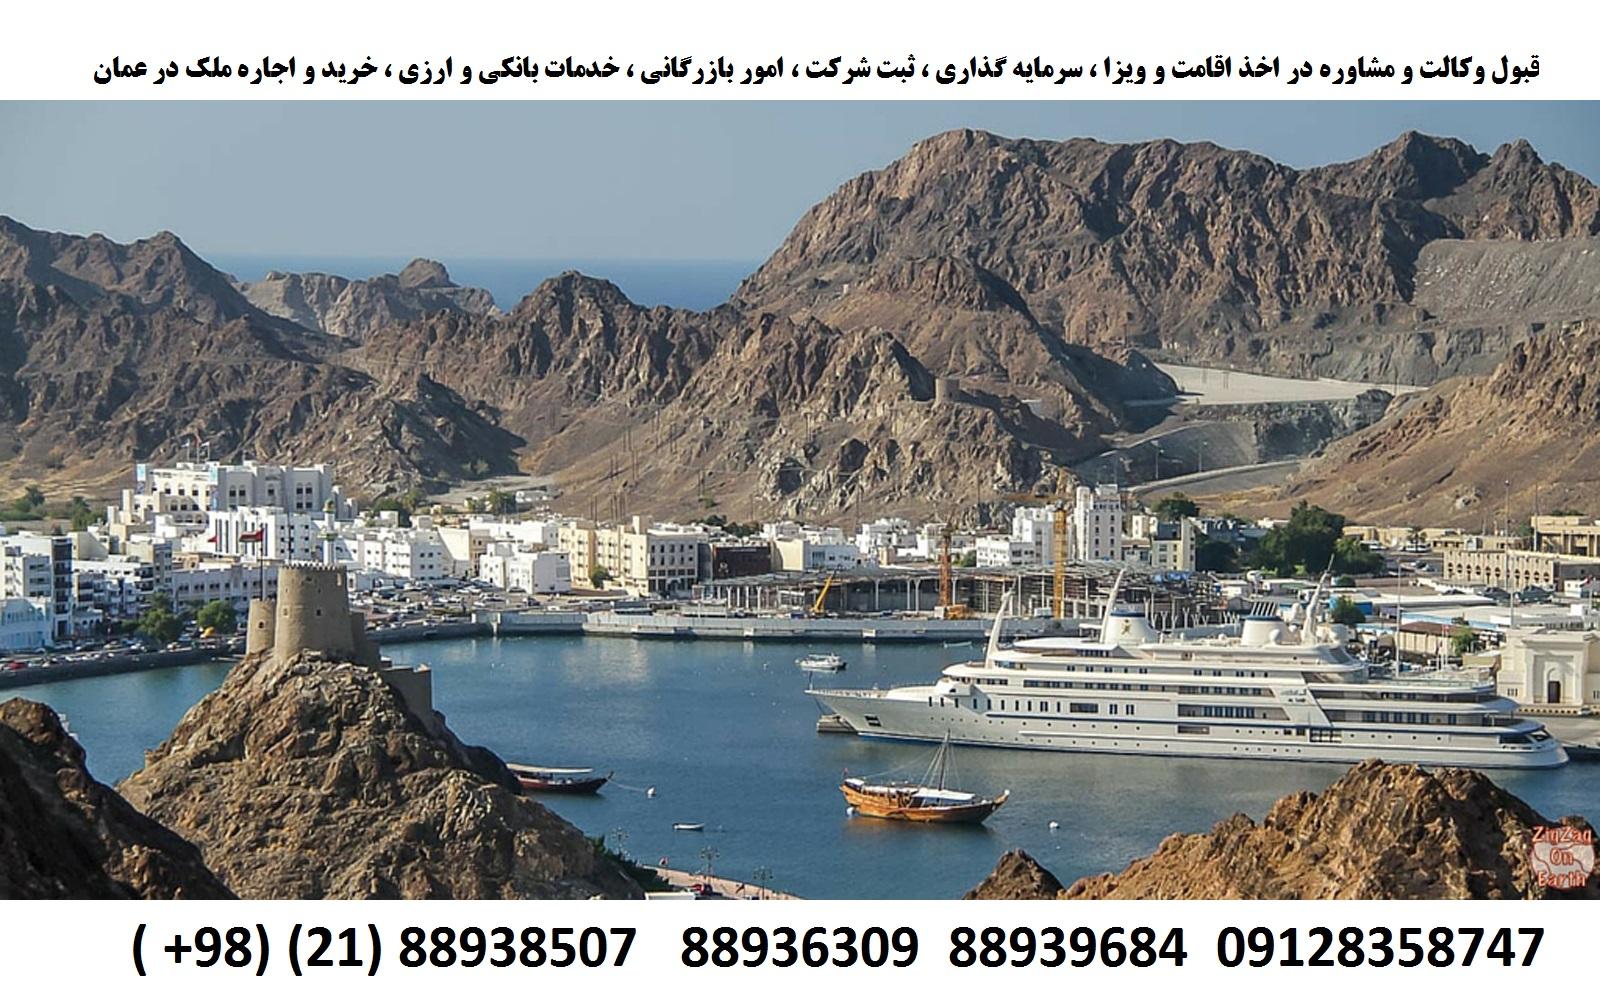 اقامت ، ثبت شرکت ، سرمایه گذاری ، ویزای کشور عمان (5)